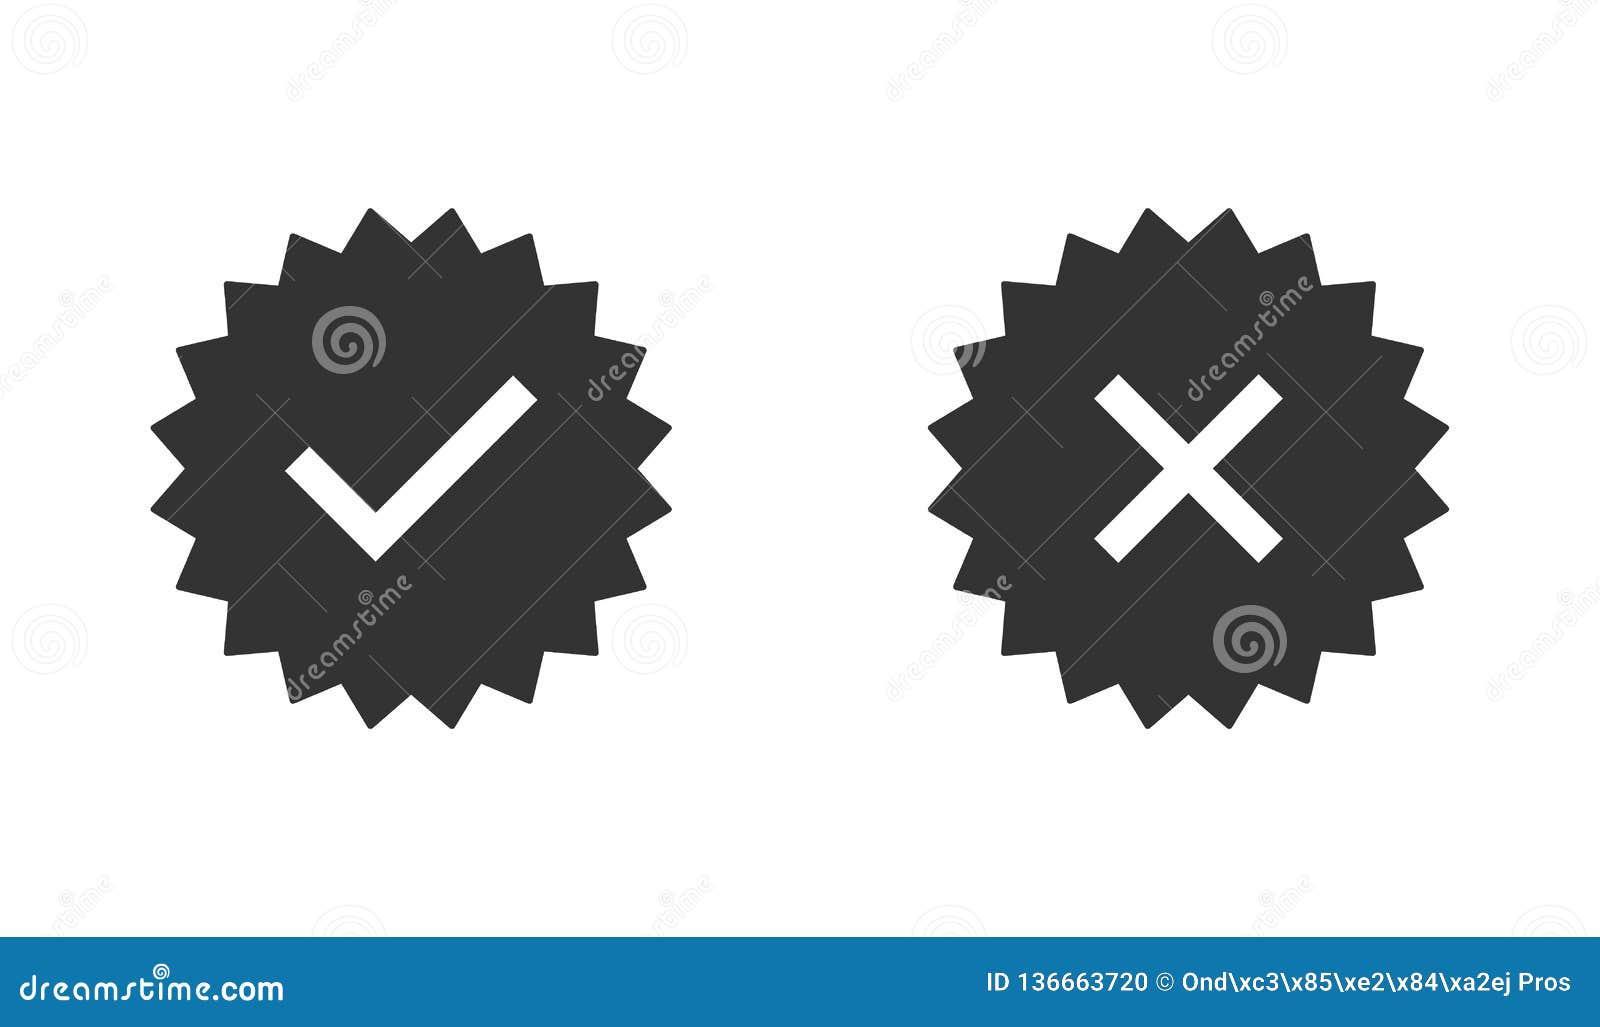 Gewaarborgde zegelreeks of geverifieerd kenteken Geverifieerde pictogramzegel